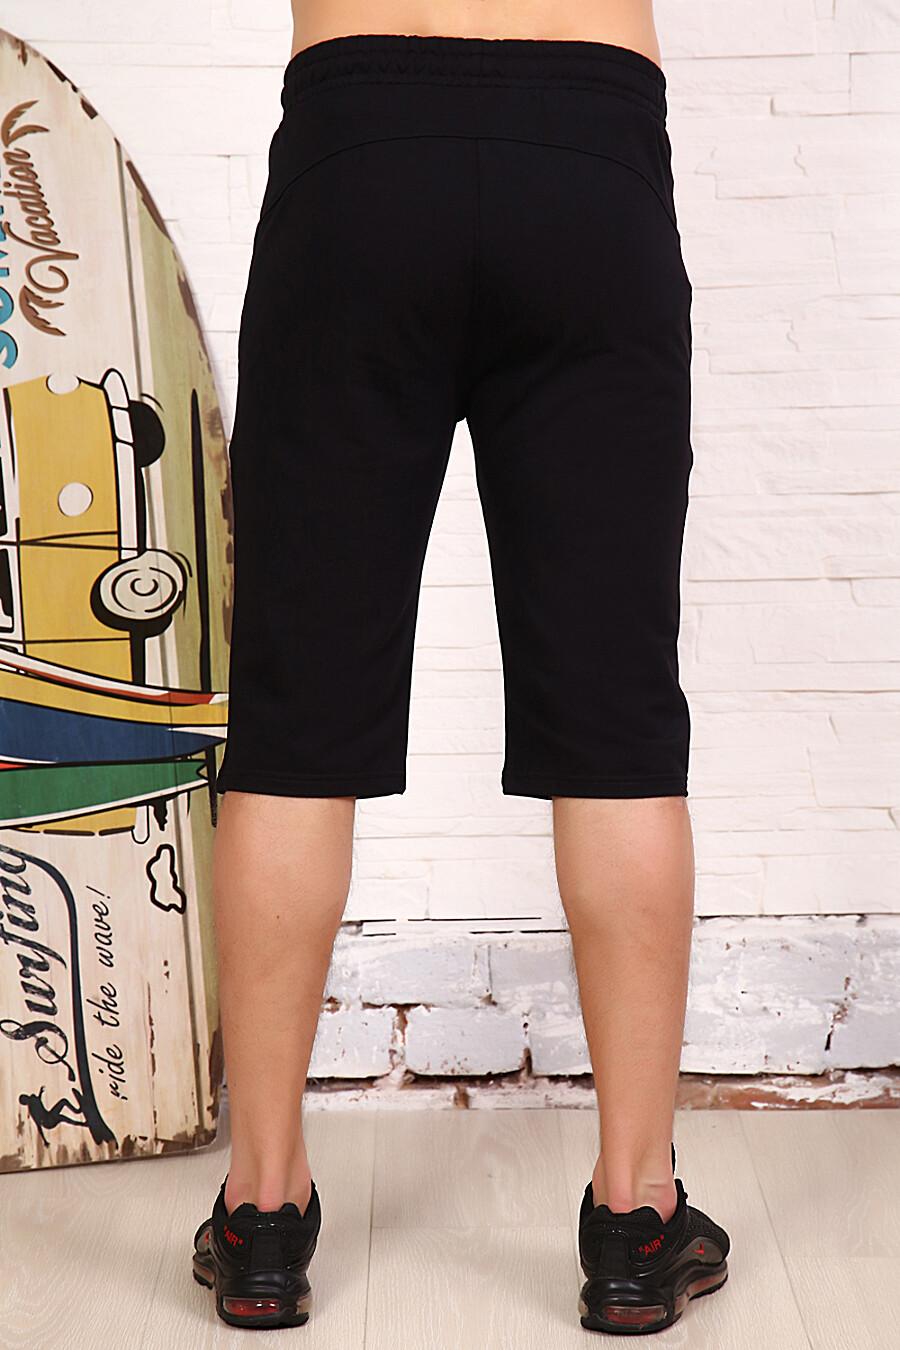 Шорты 26571 для мужчин НАТАЛИ 334761 купить оптом от производителя. Совместная покупка мужской одежды в OptMoyo